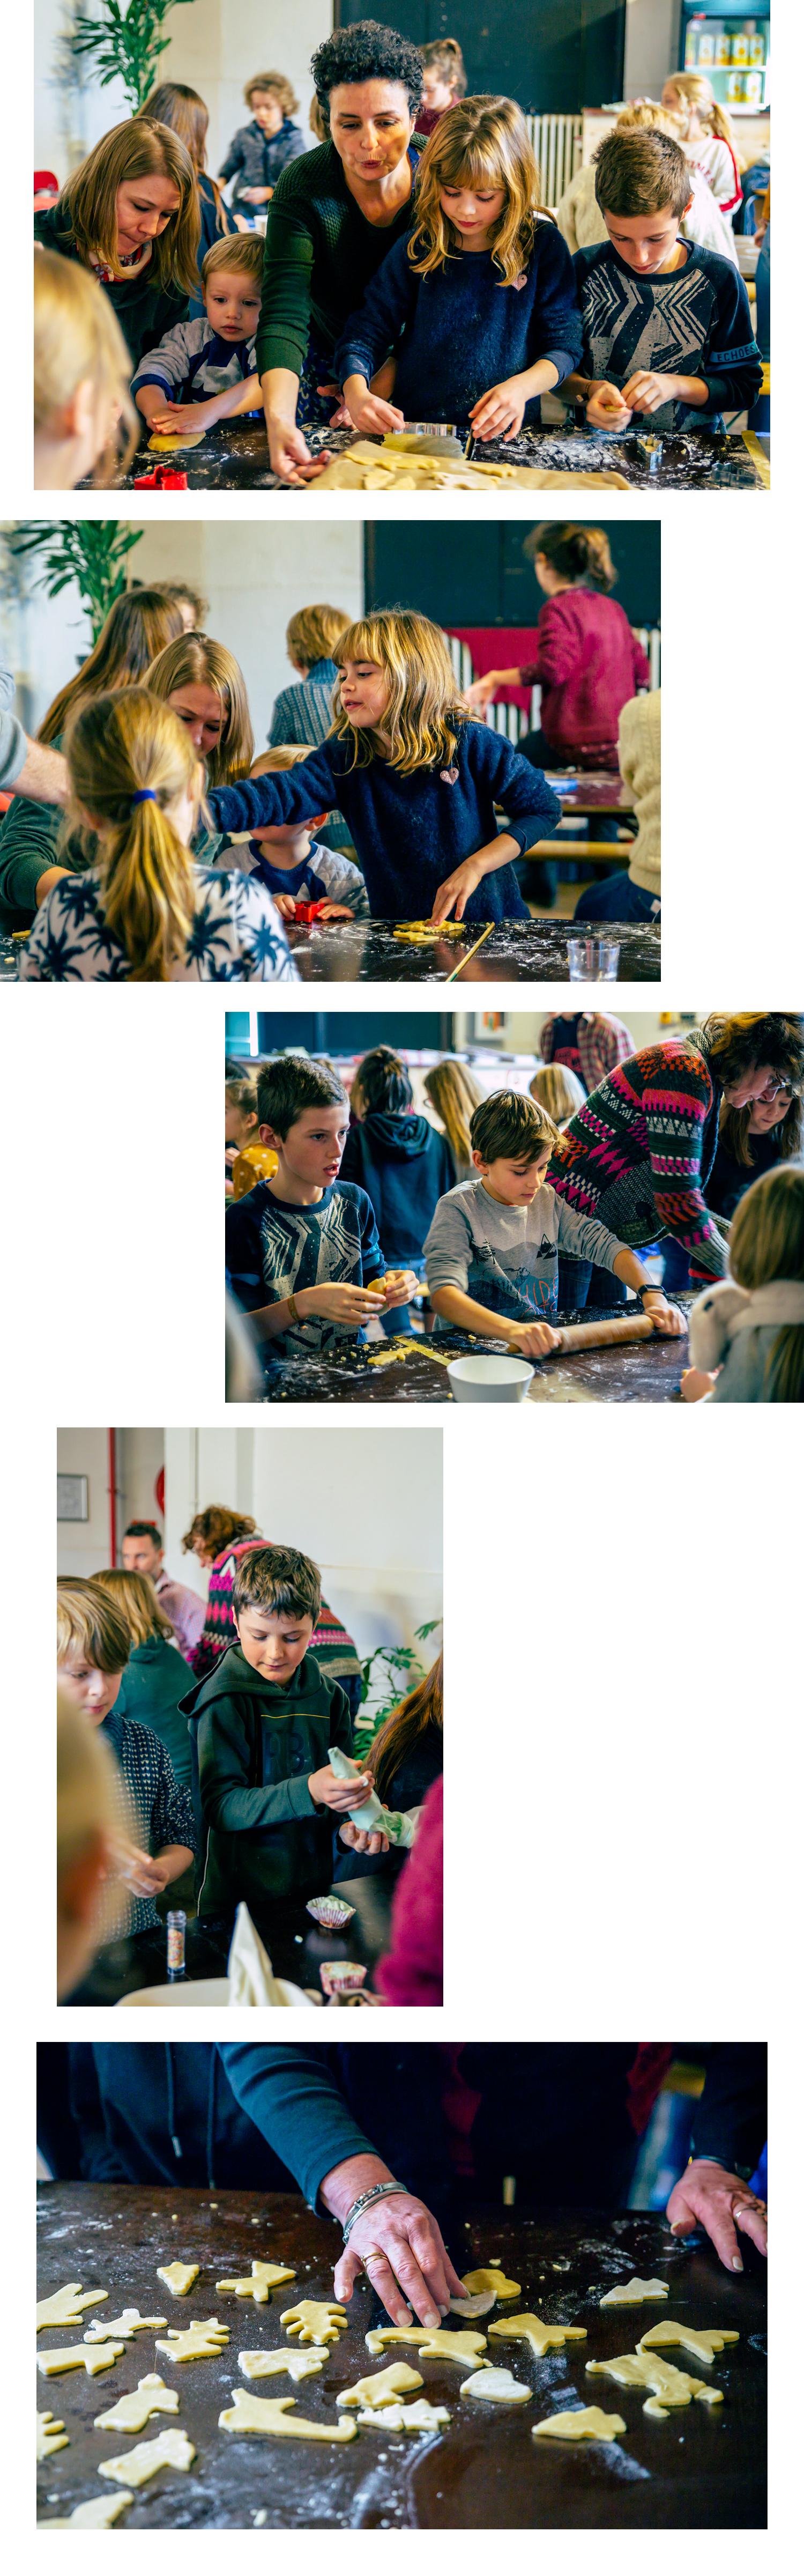 Cuisine d'Hiver 2 – Fondation Mons 2025